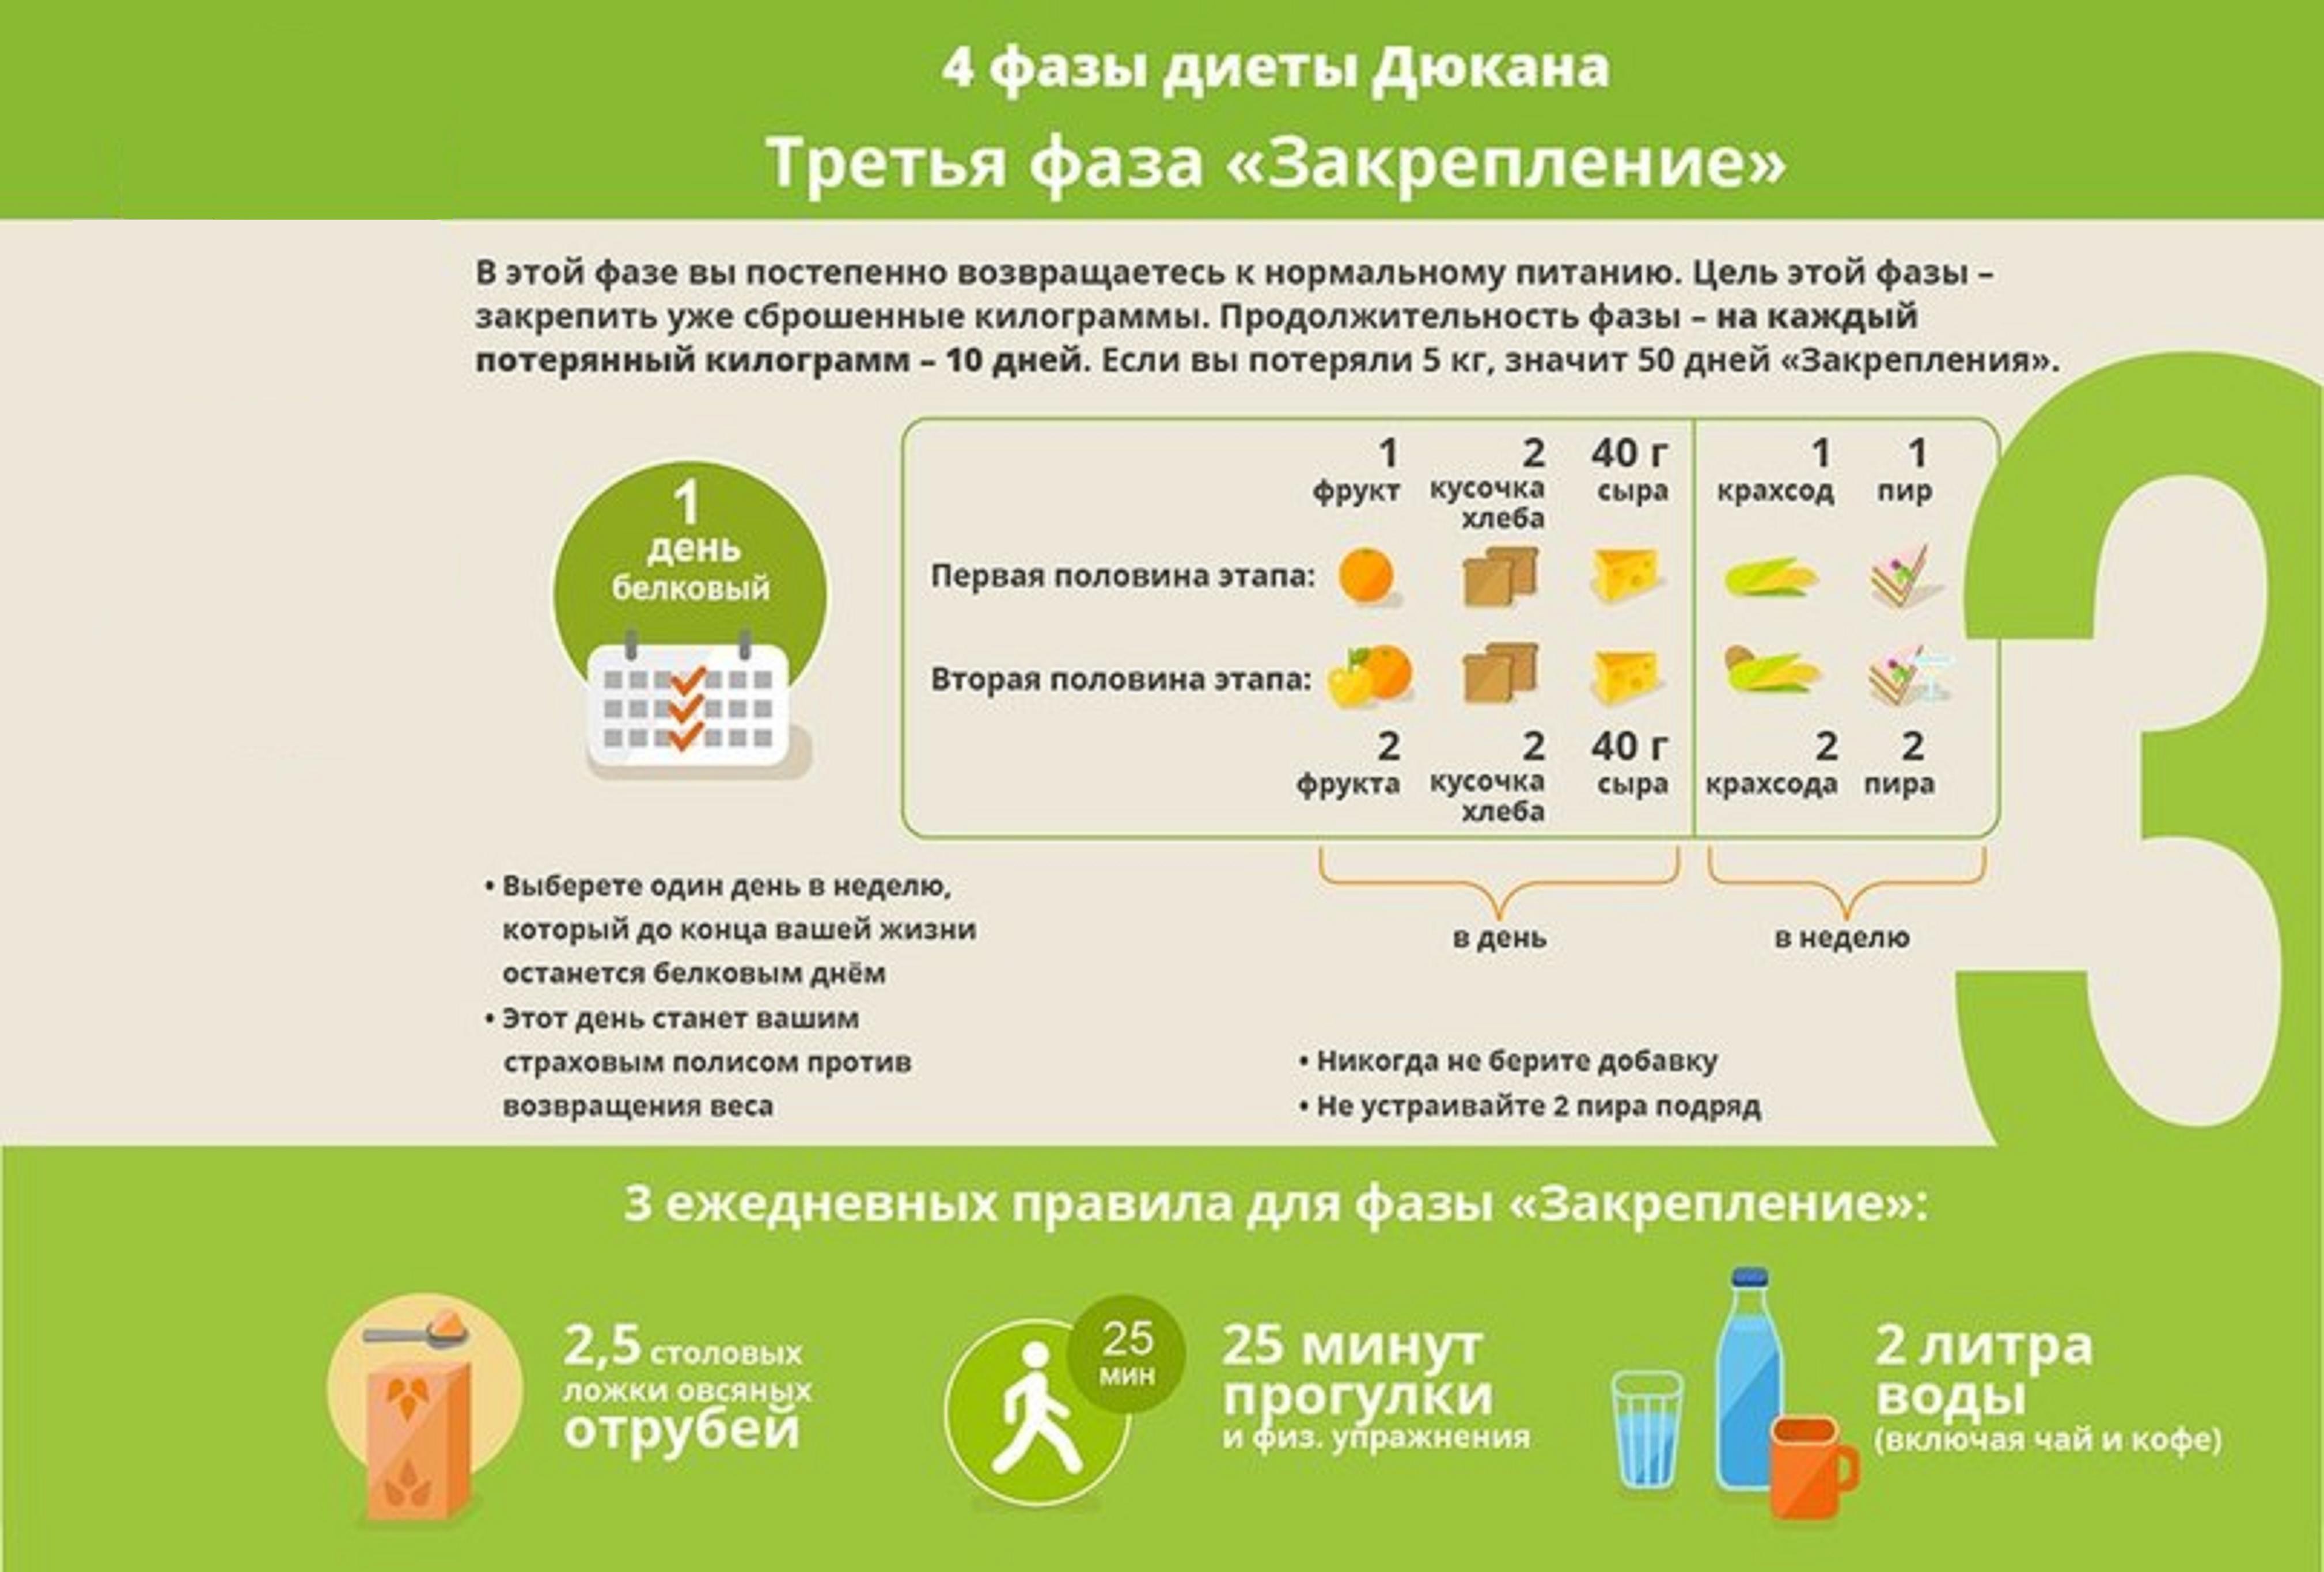 продукты для диеты дюкана купить в челябинске